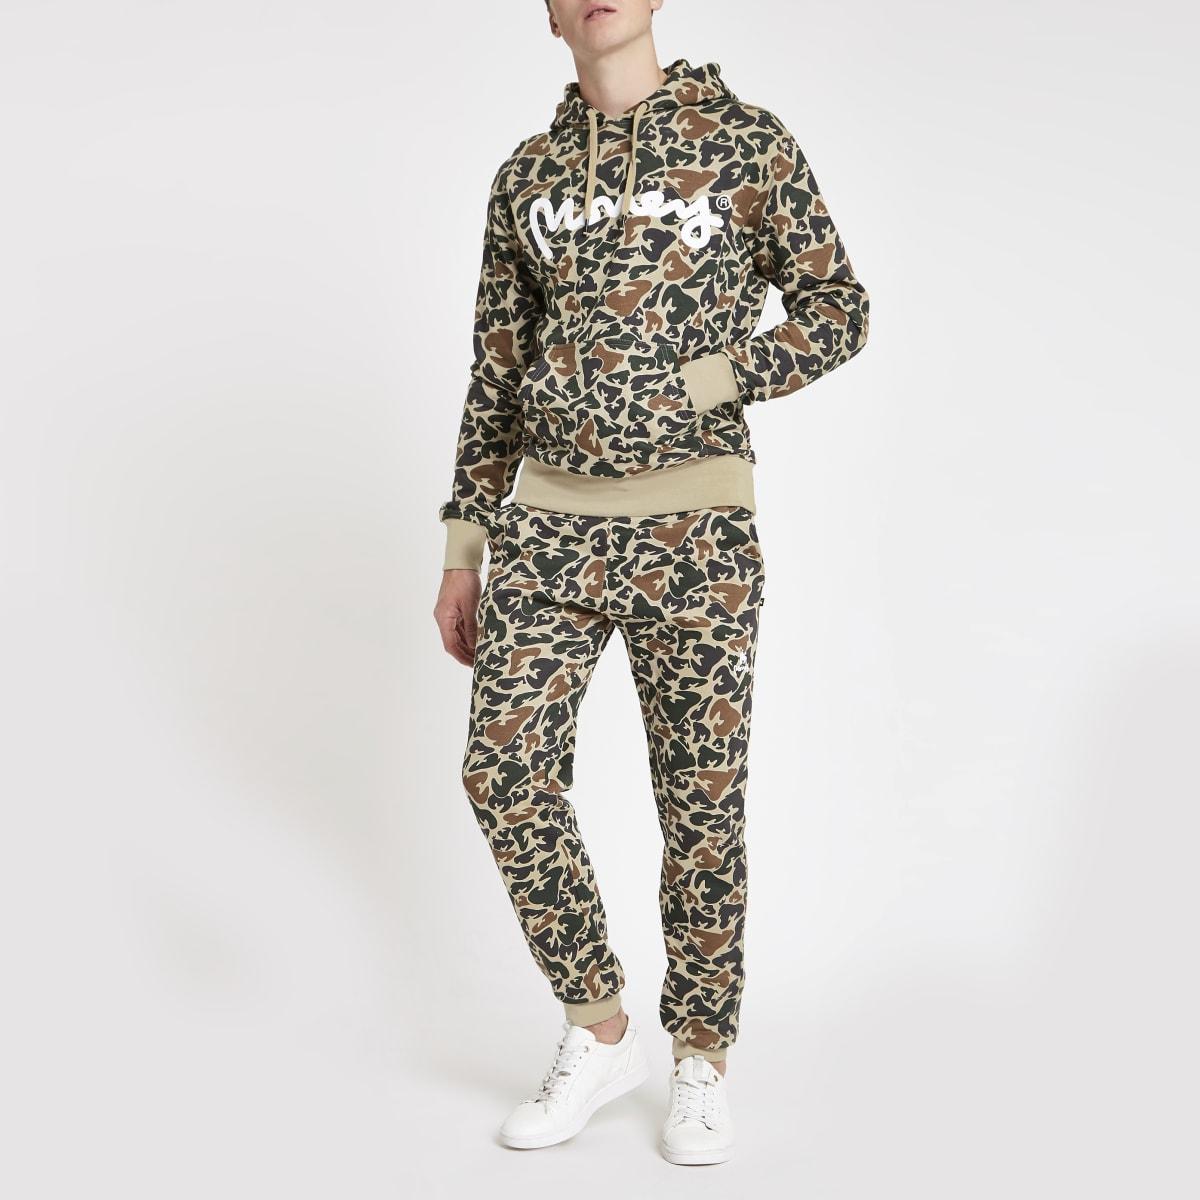 Money Clothing - Lichtbruine joggingbroek met camouflageprint